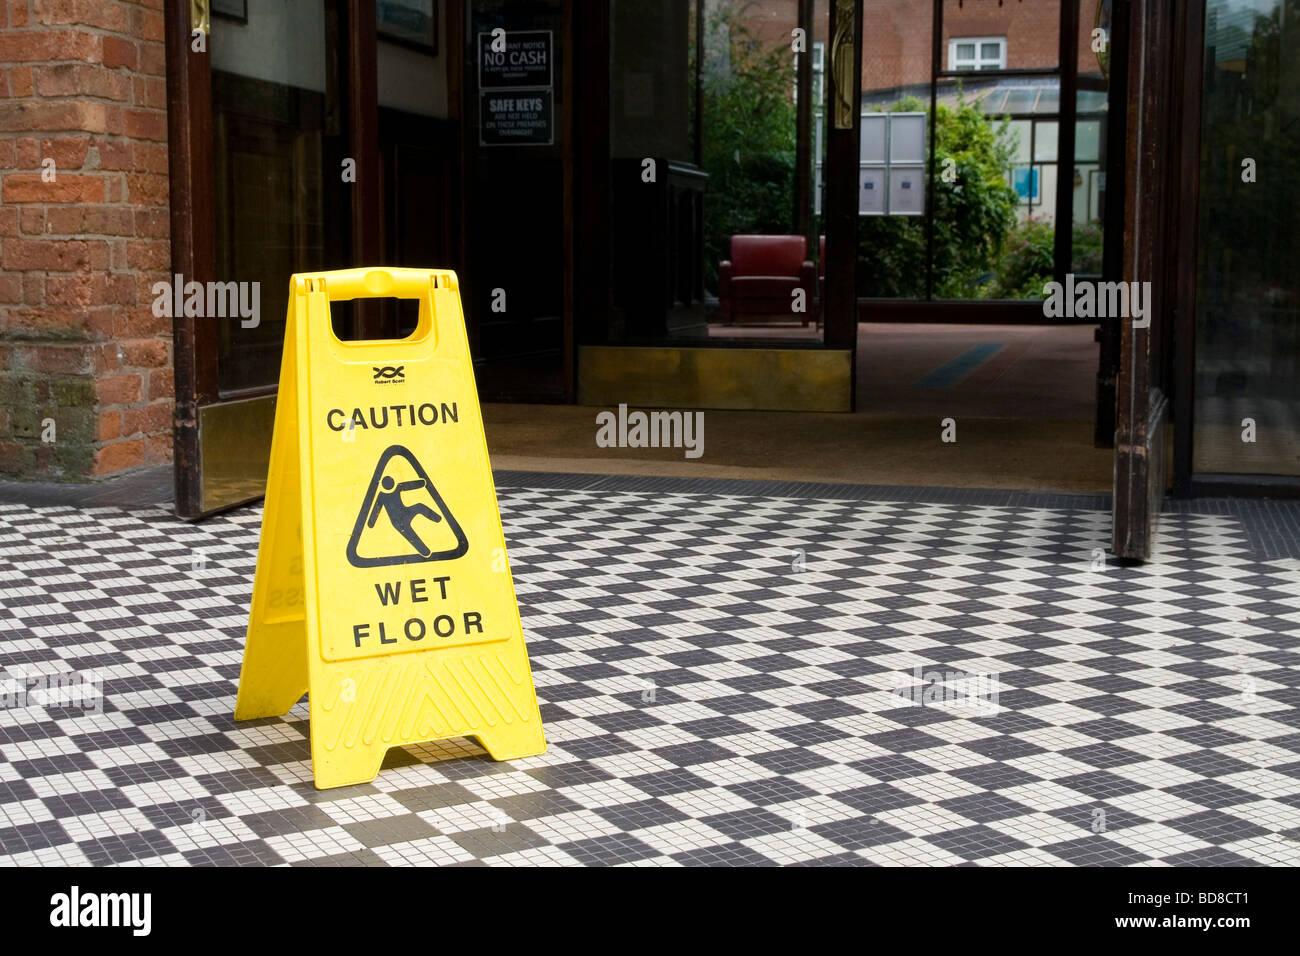 Un ingresso in hotel con un pavimento bagnato la superficie scivolosa segnaletica di pericolo Immagini Stock